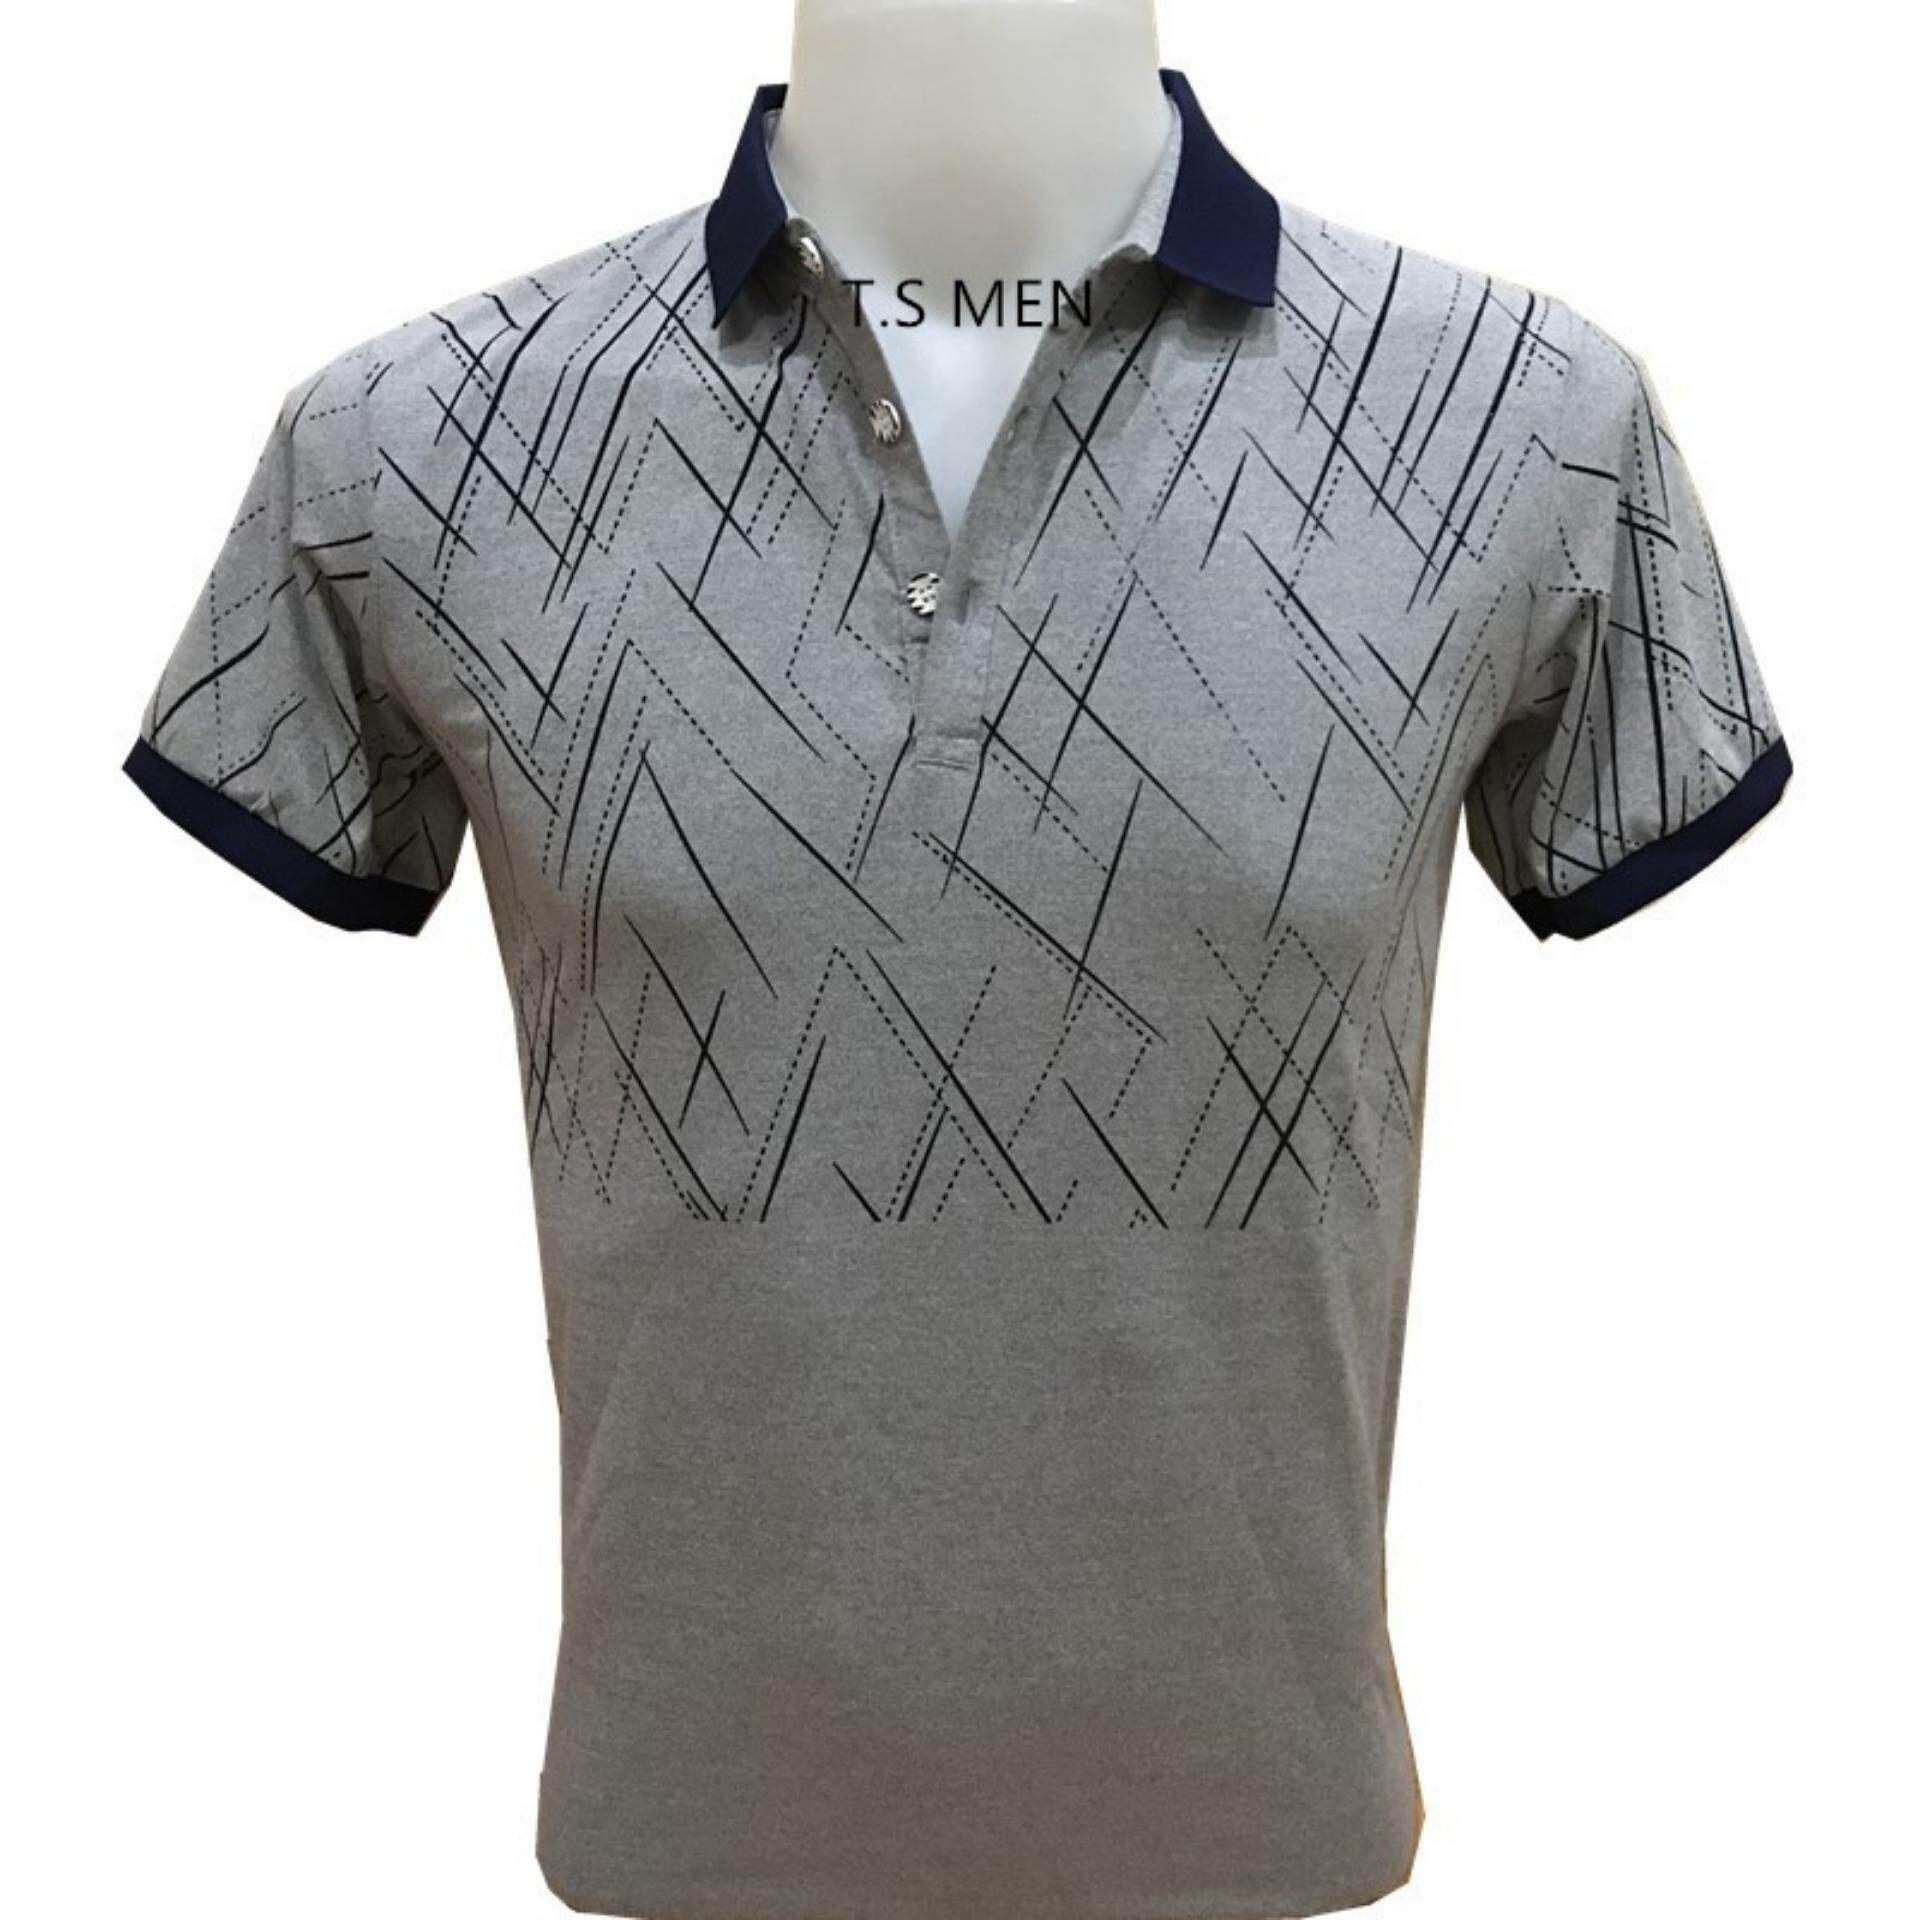 ซื้อ เสื้อยืดผู้ชายMen S T Shirtเสื้อยืดแฟชั่นผู้ชาย Polo Shirtเสื้อโปโล ใน กรุงเทพมหานคร